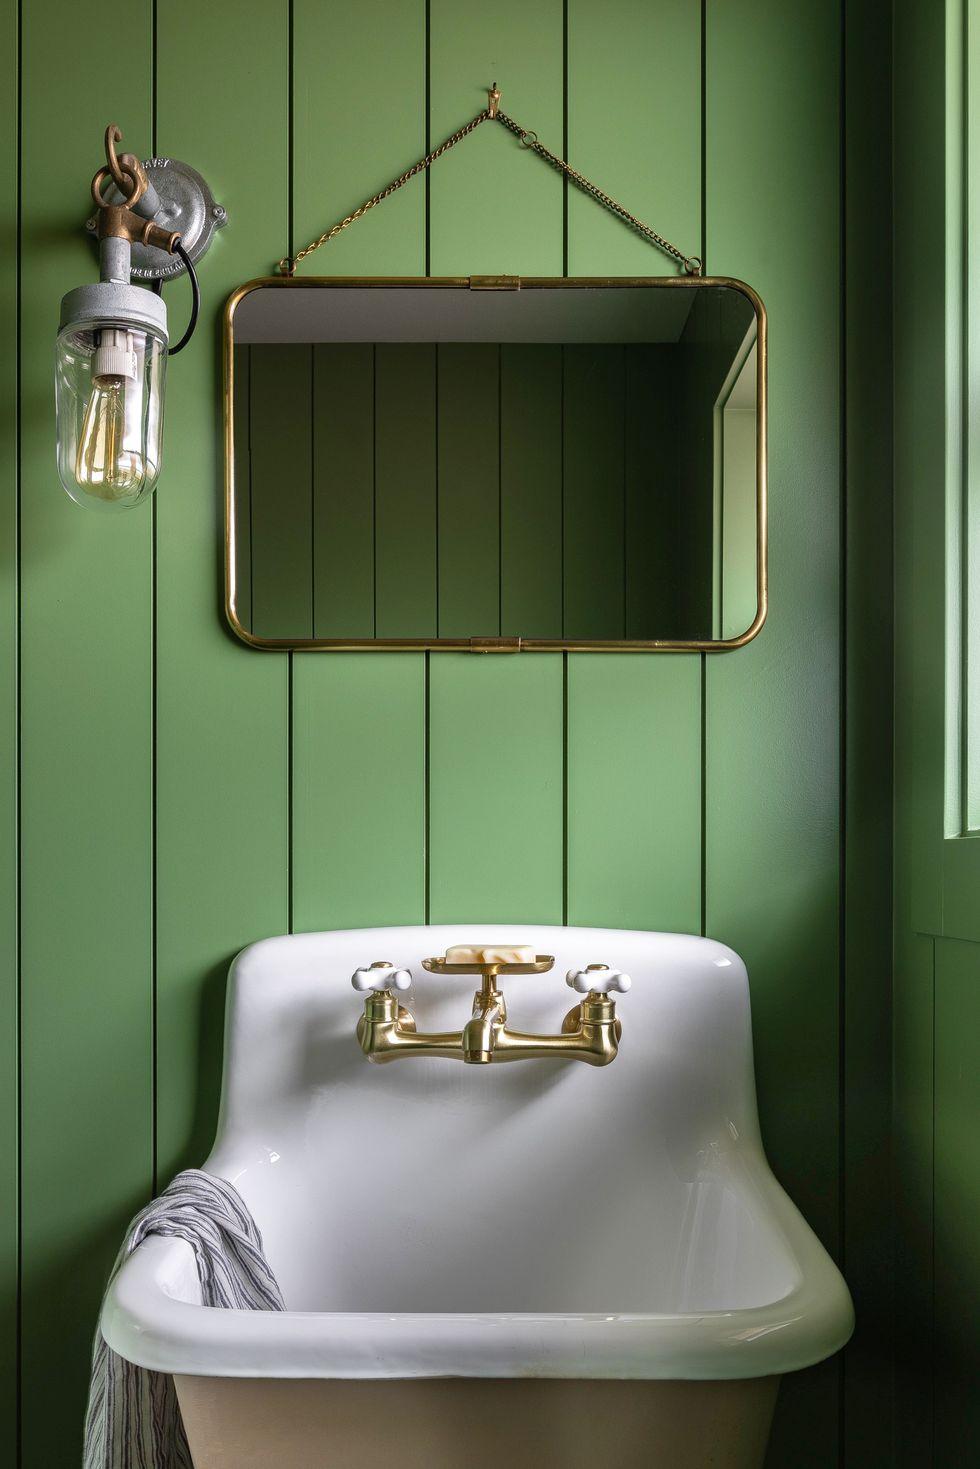 Arredamento rustico moderno in bagno